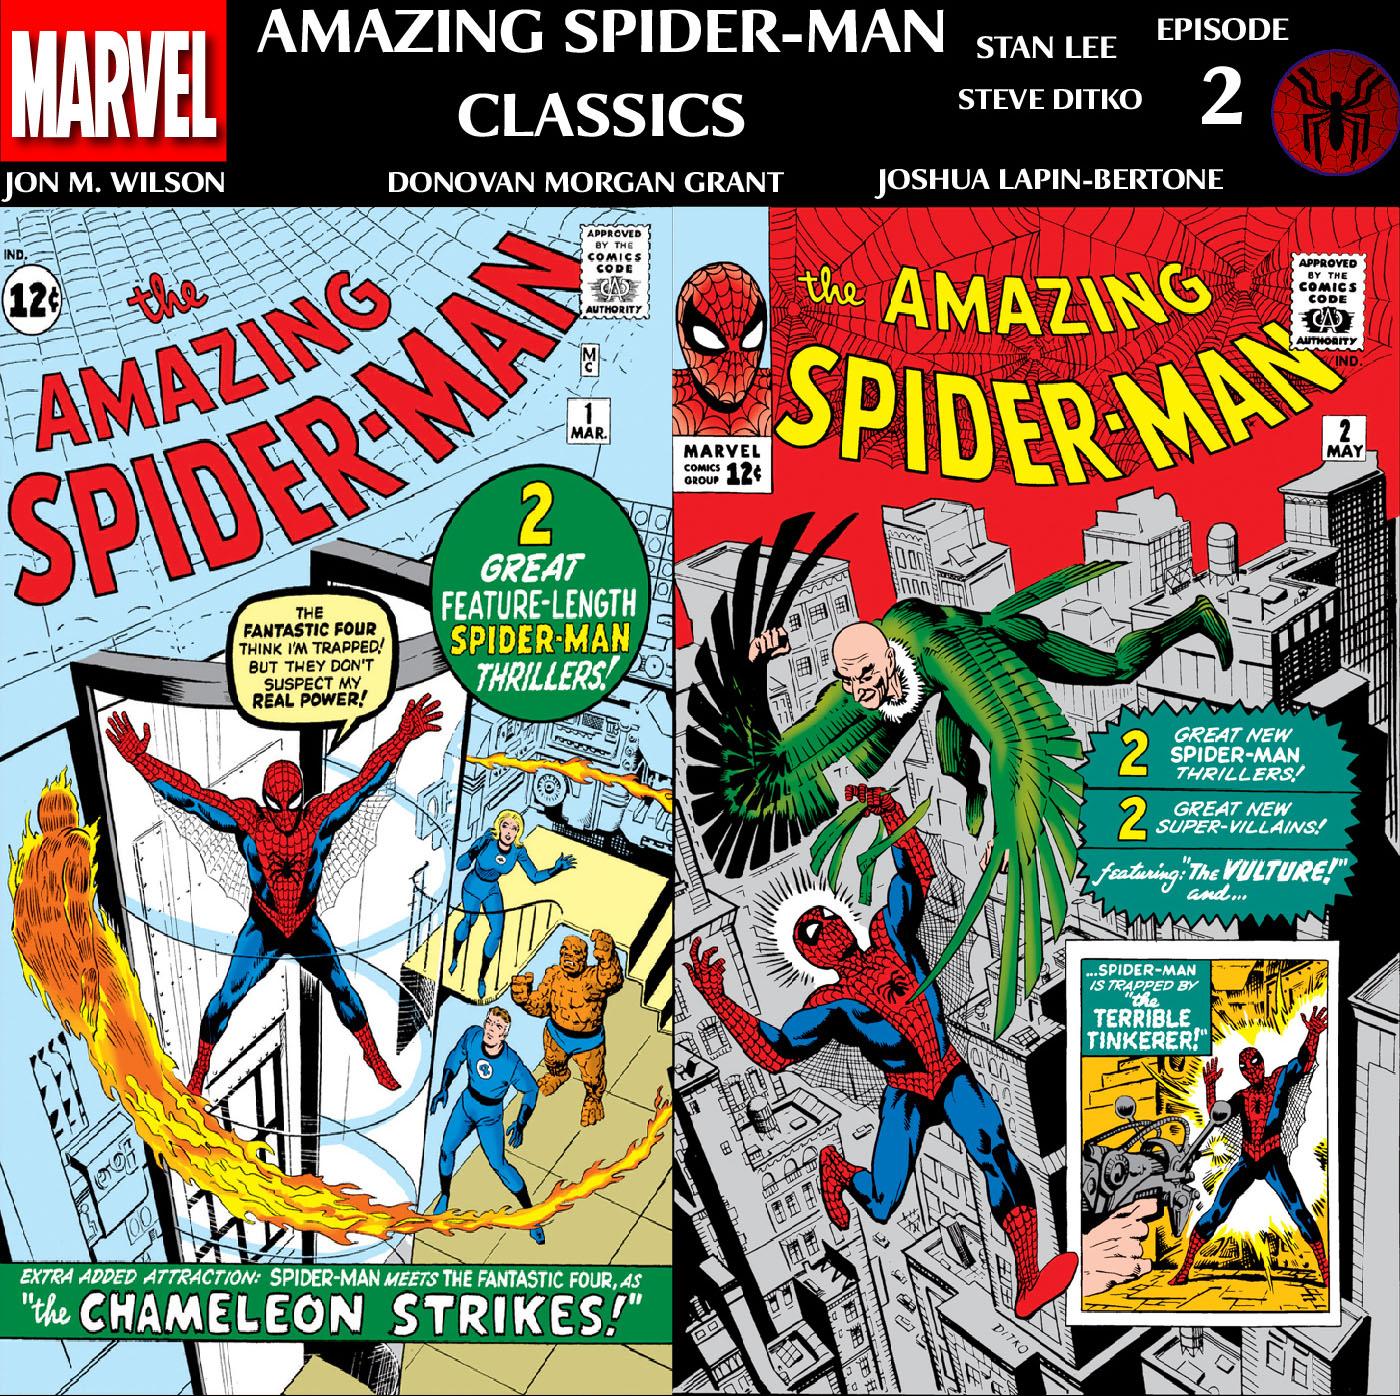 Amazing Spider-Man Classics Episode 2: